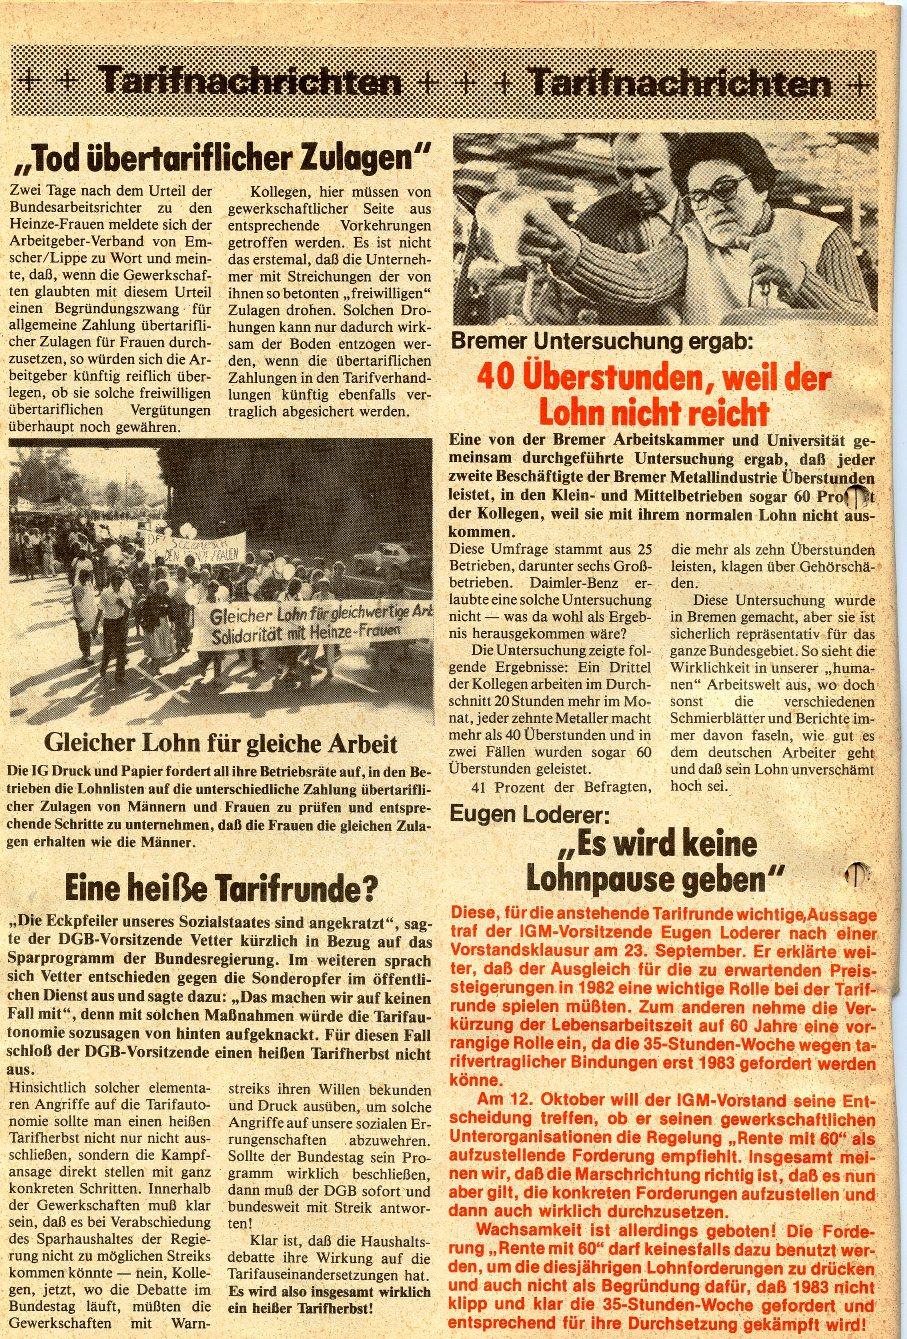 RGO_RGO_Nachrichten_1981_10_12